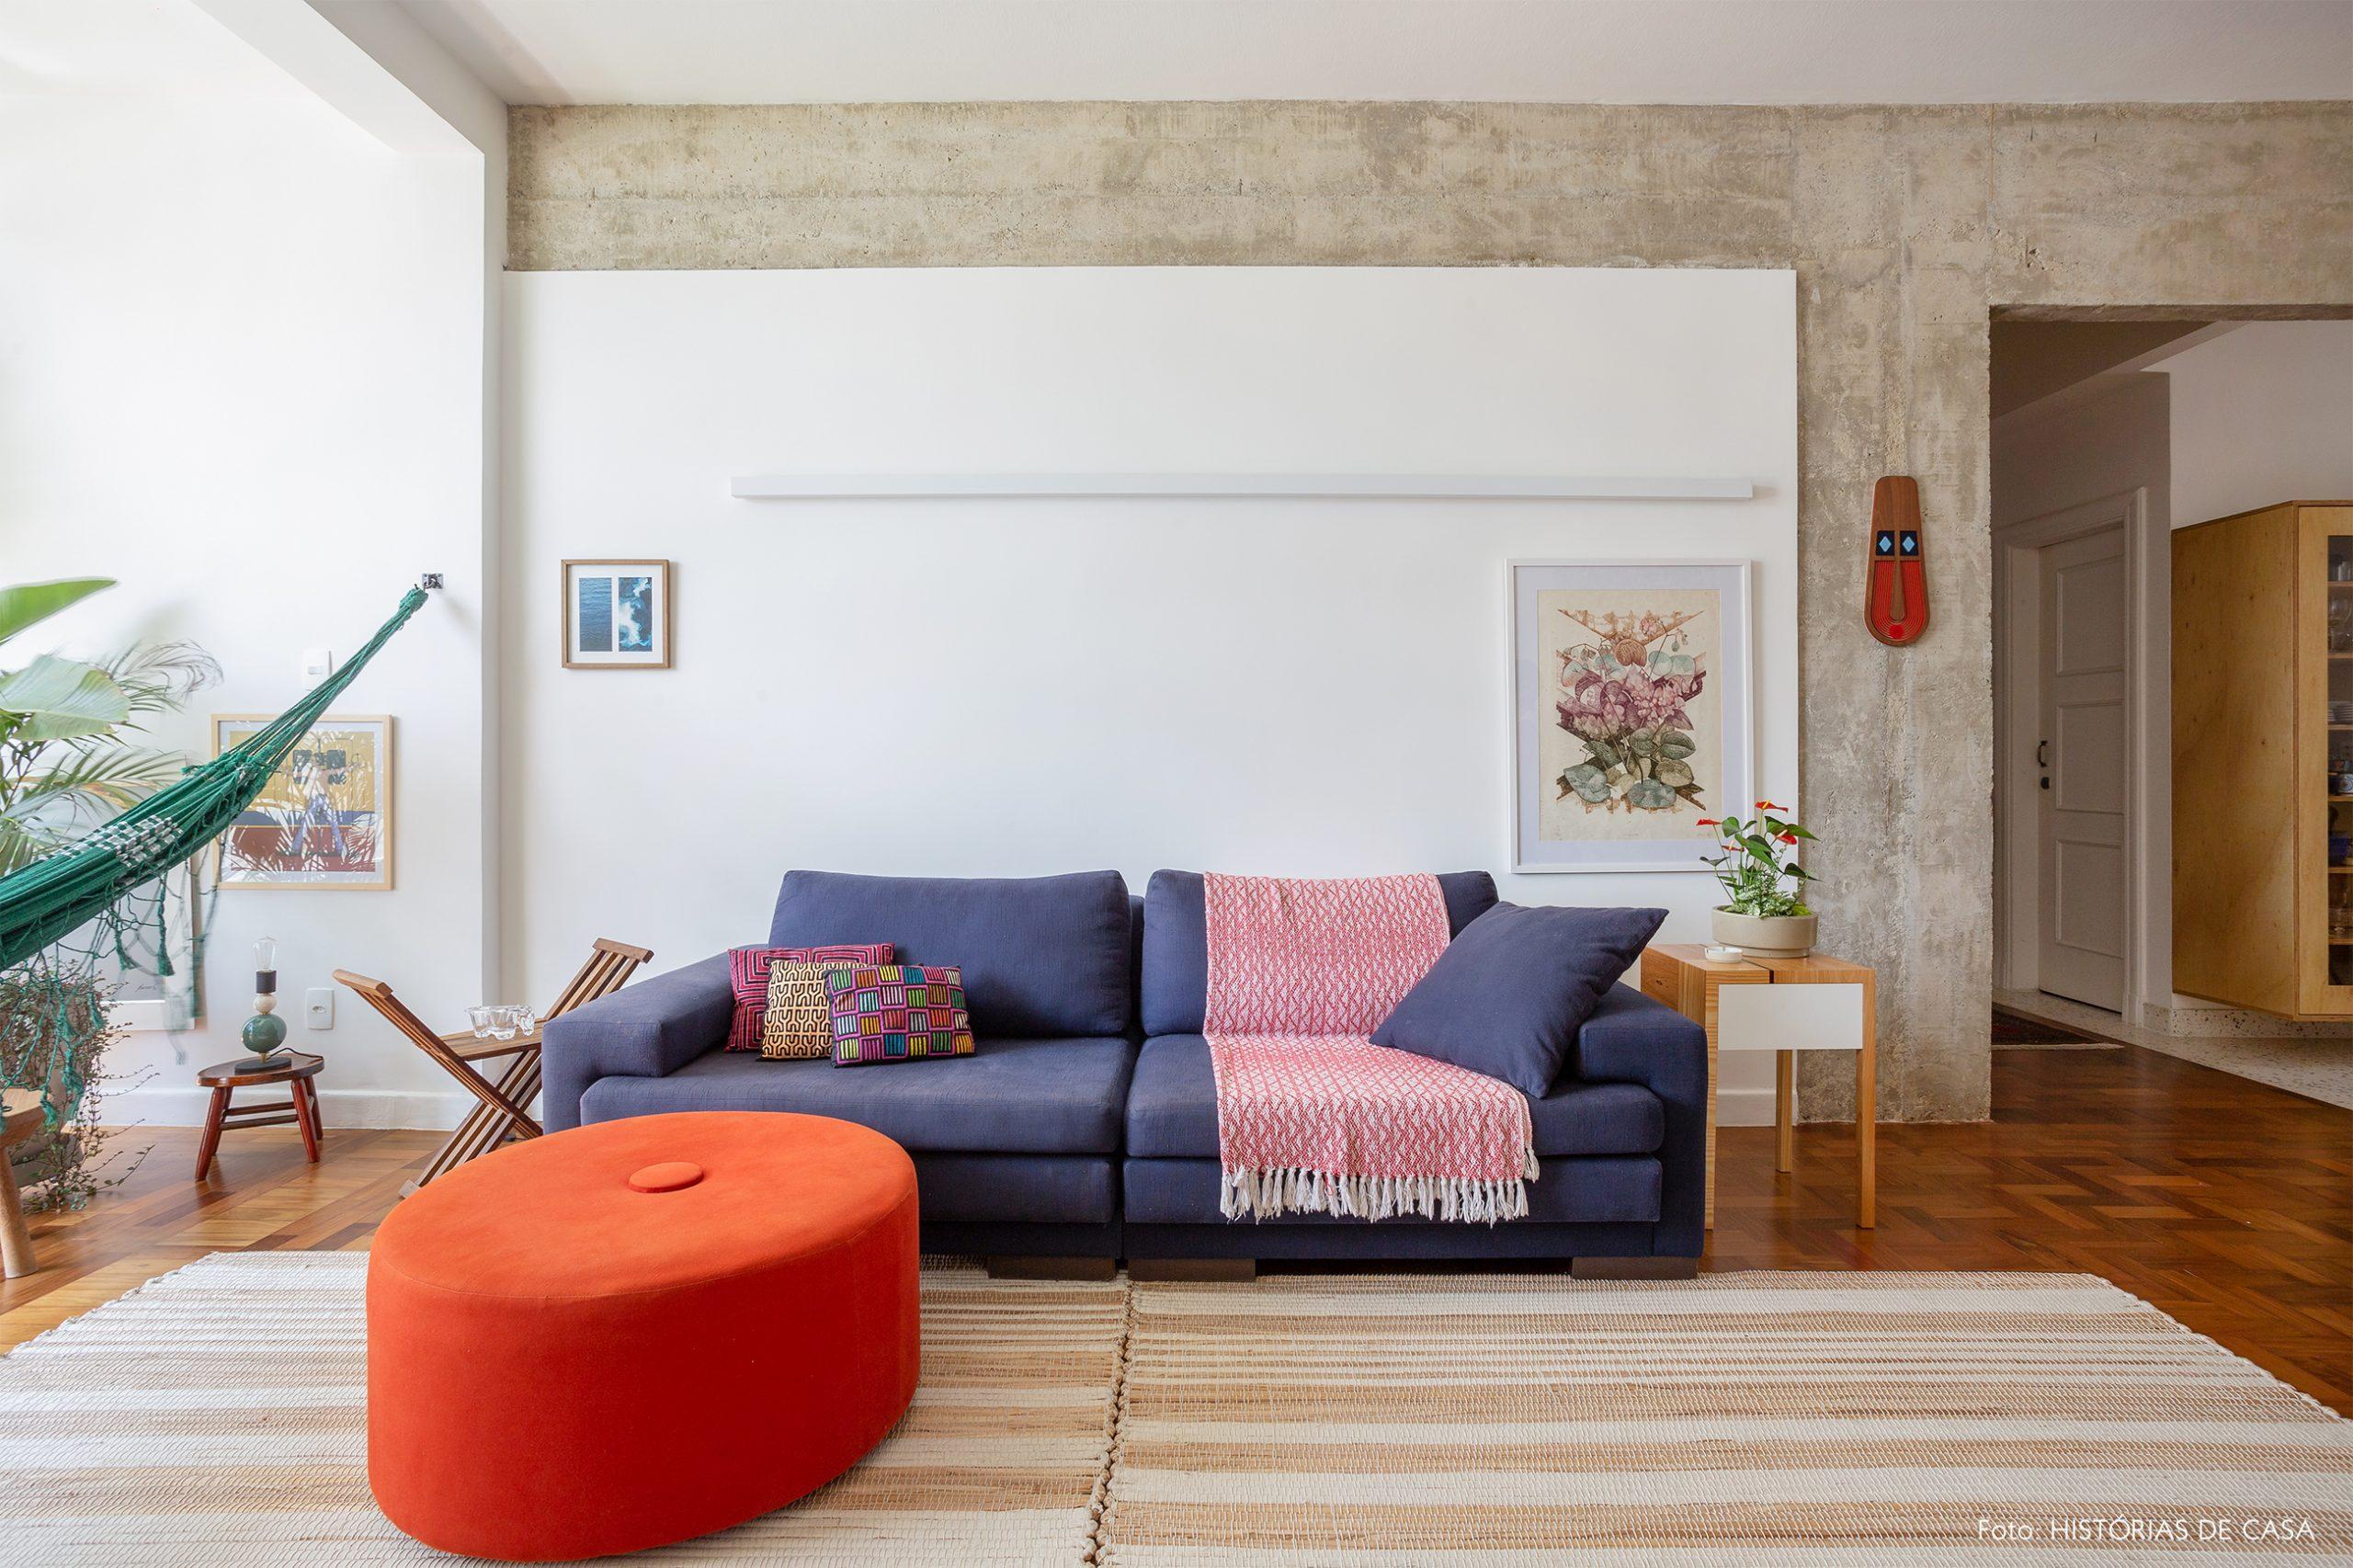 decoração sala com estrutura de concreto, rede e pufe colorido